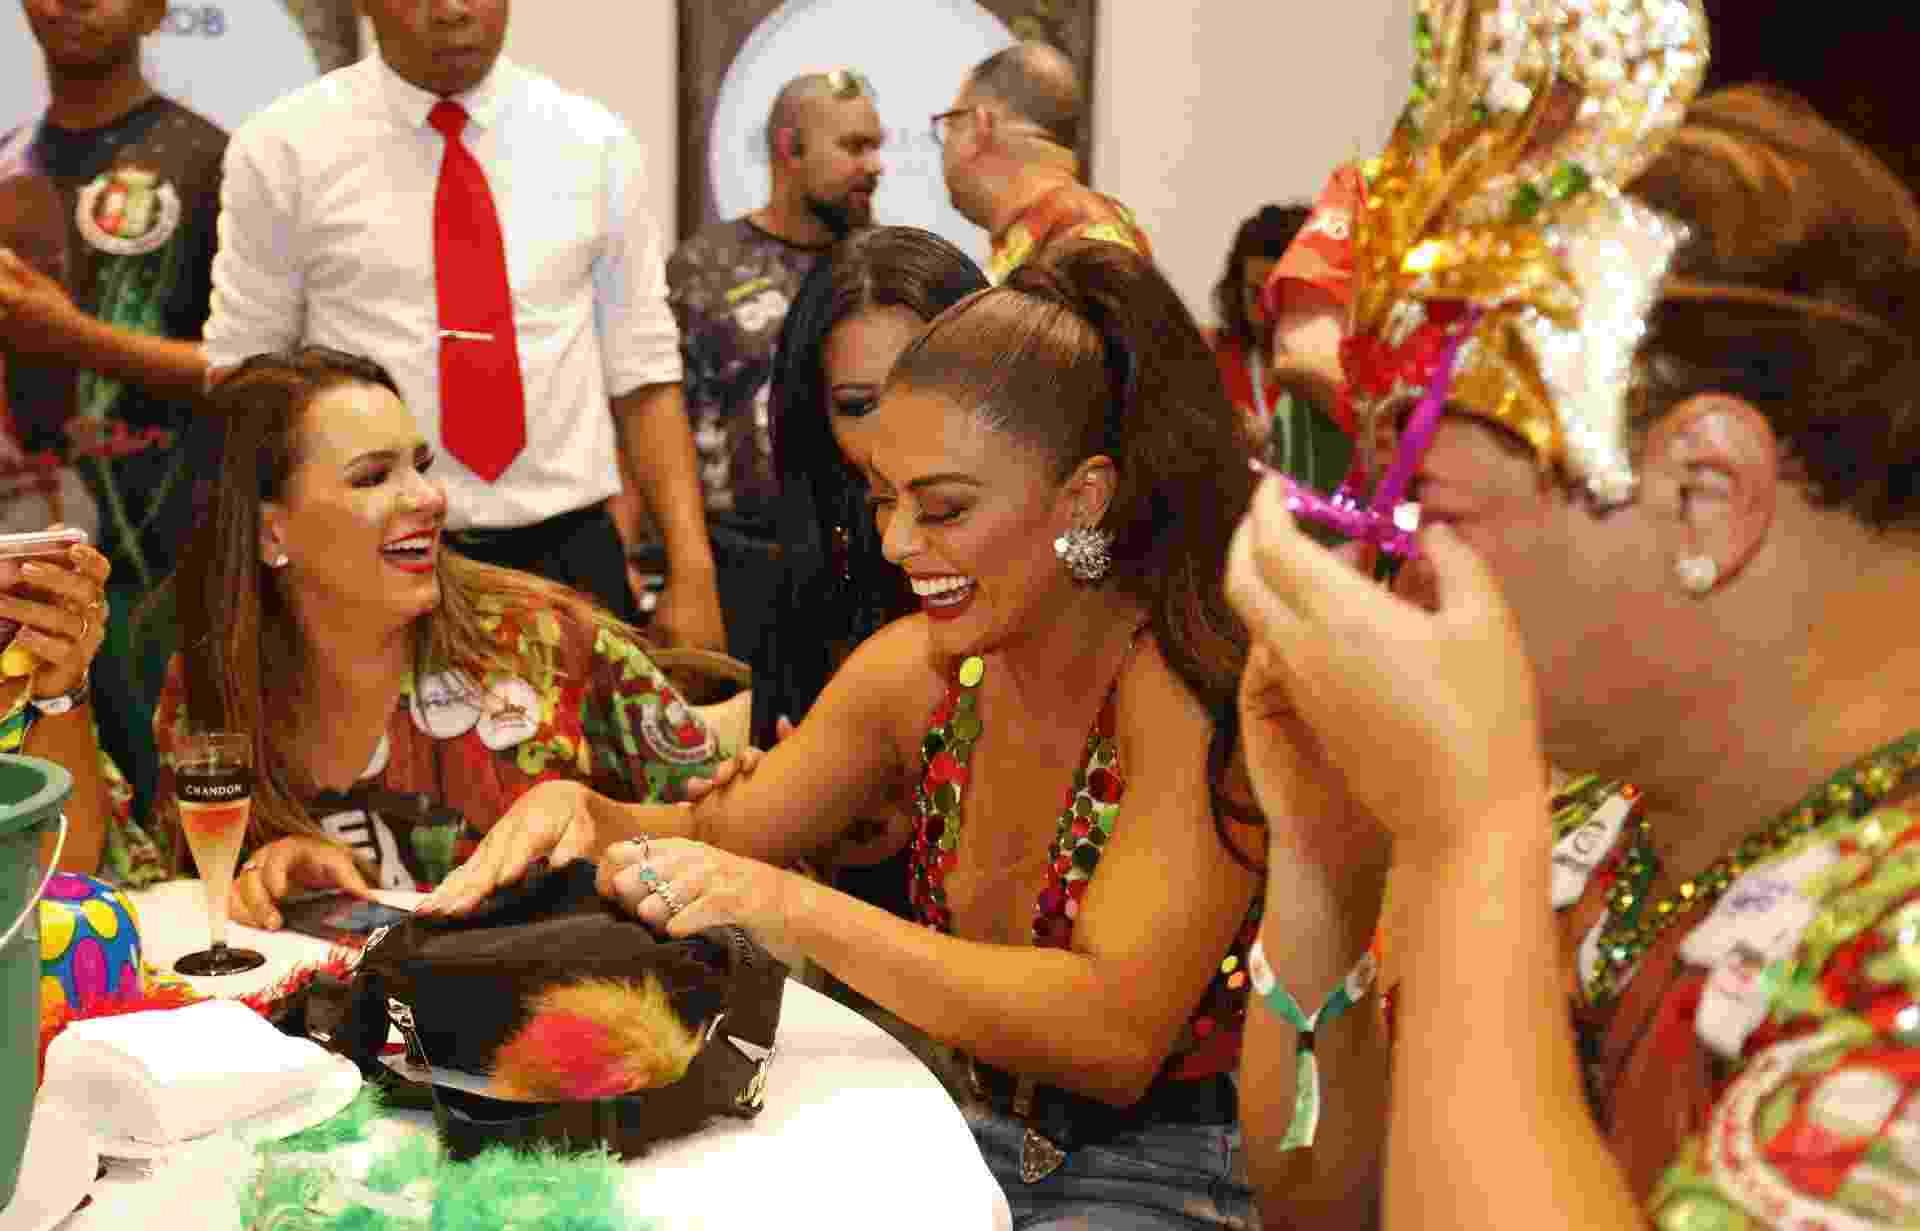 Juliana Paes se diverte com David Brazil na feijoada da Grande Rio, realizada pela escola de samba da qual a atriz é rainha de bateria, em um hotel em São Conrado, zona sul do Rio de Janeiro - Marcelo de Jesus/UOL